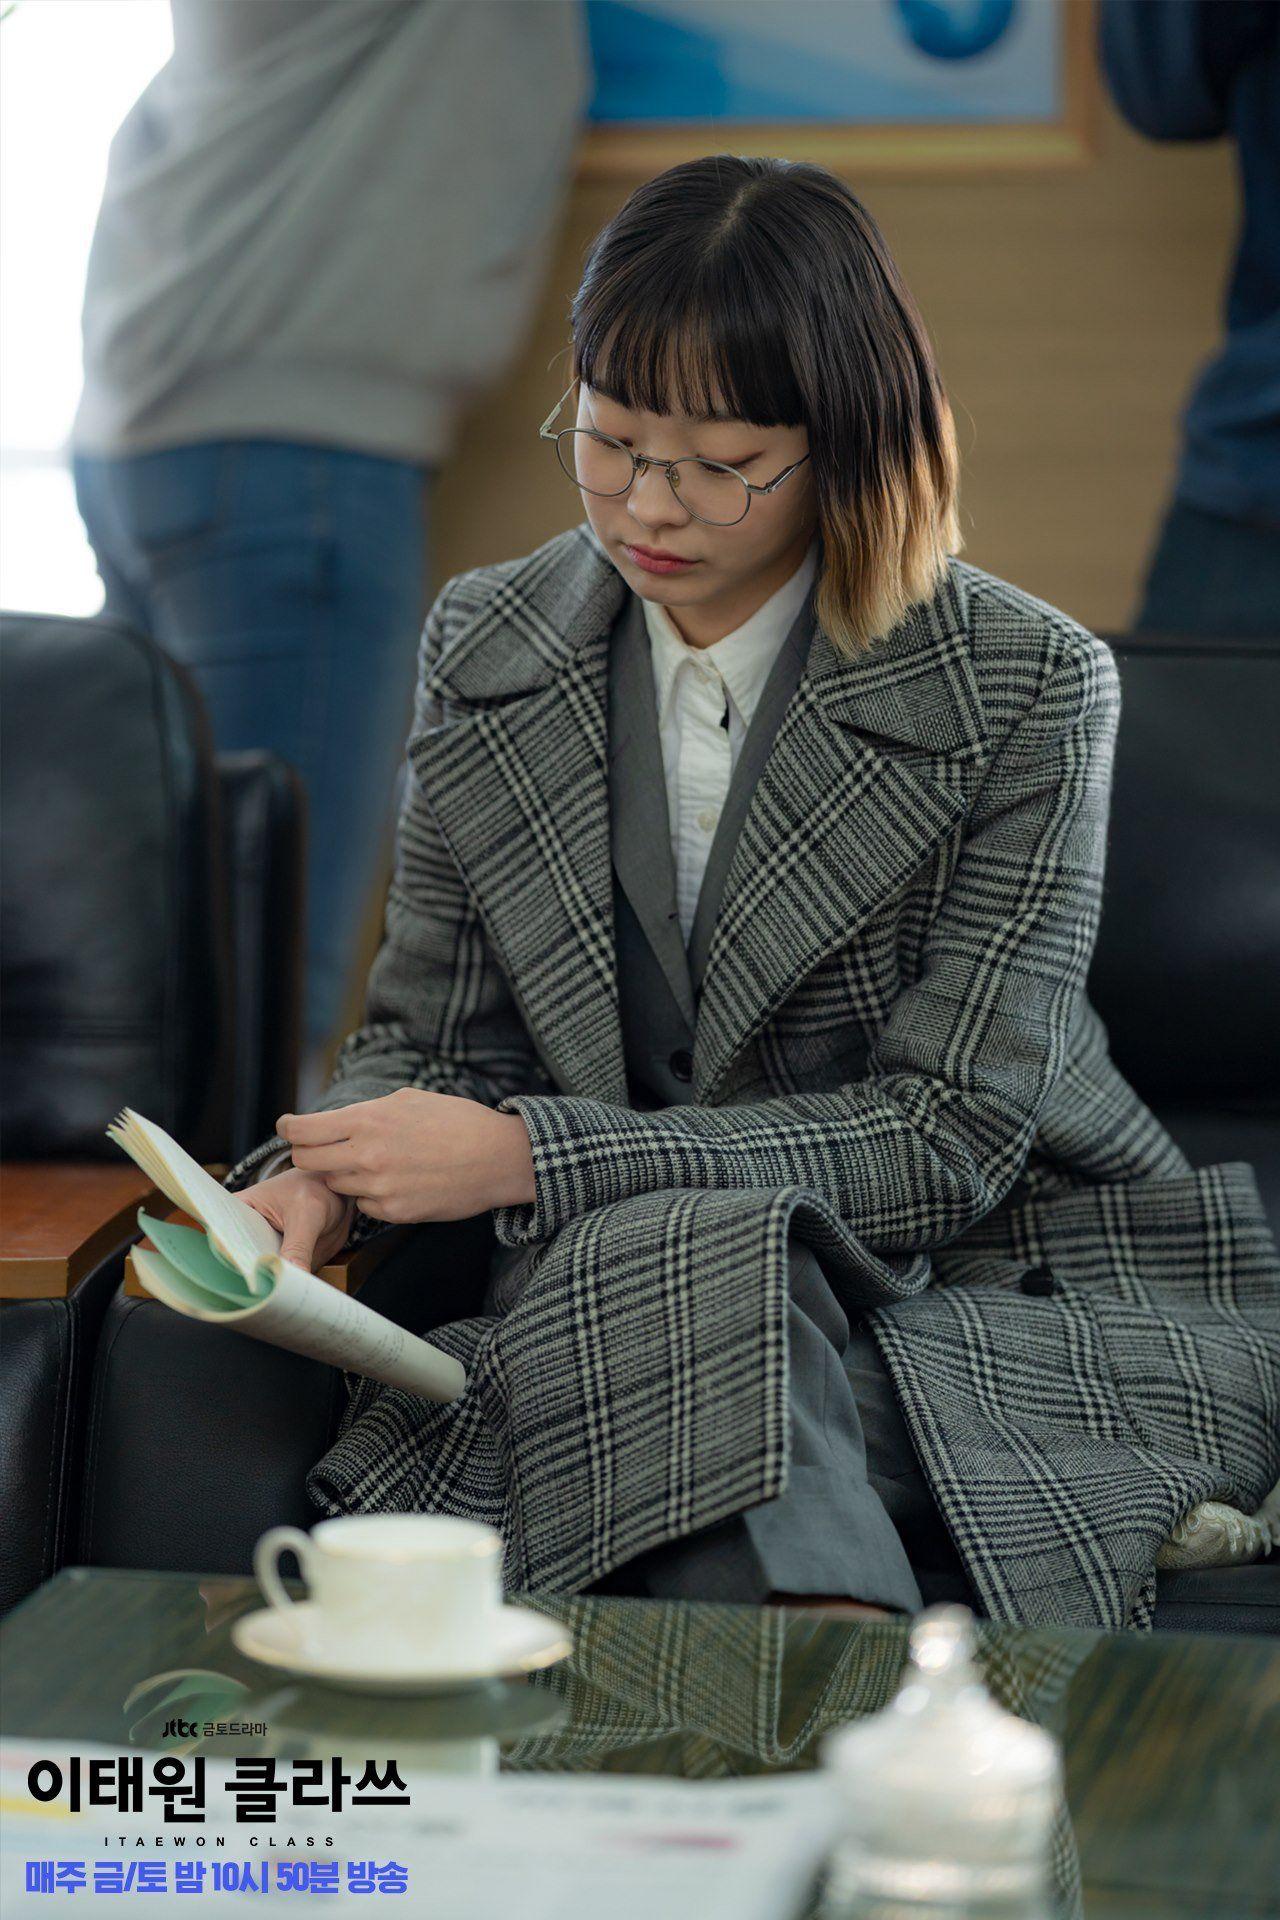 5 kiểu áo khoác chưa bao giờ hết mốt trong phim Hàn, sắm đủ thì bạn sẽ mặc đẹp và sang hơn hẳn mùa lạnh năm ngoái 11